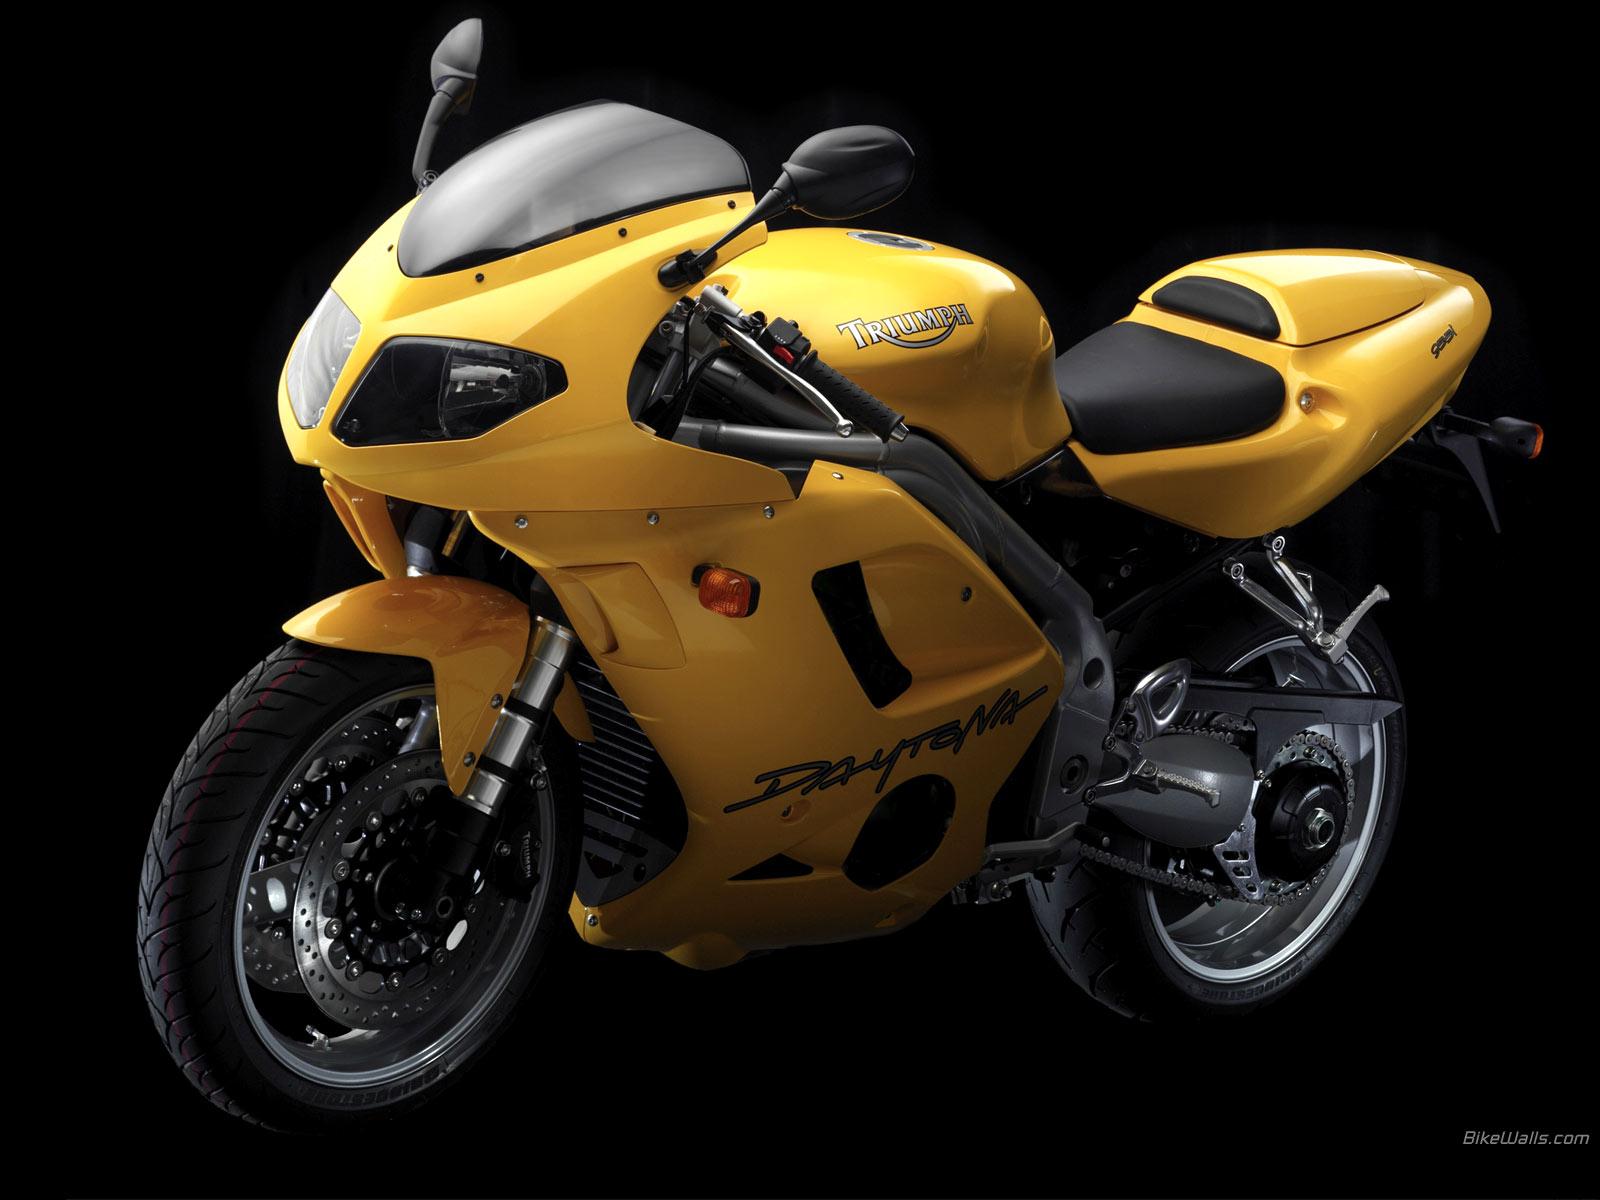 http://4.bp.blogspot.com/-Vf-iyaYThIg/TohPodeiNDI/AAAAAAAABfY/DWERz64qvu4/s1600/Triumph_Daytona_955i_2004_motorcycle-desktop-wallpaper_6.jpg